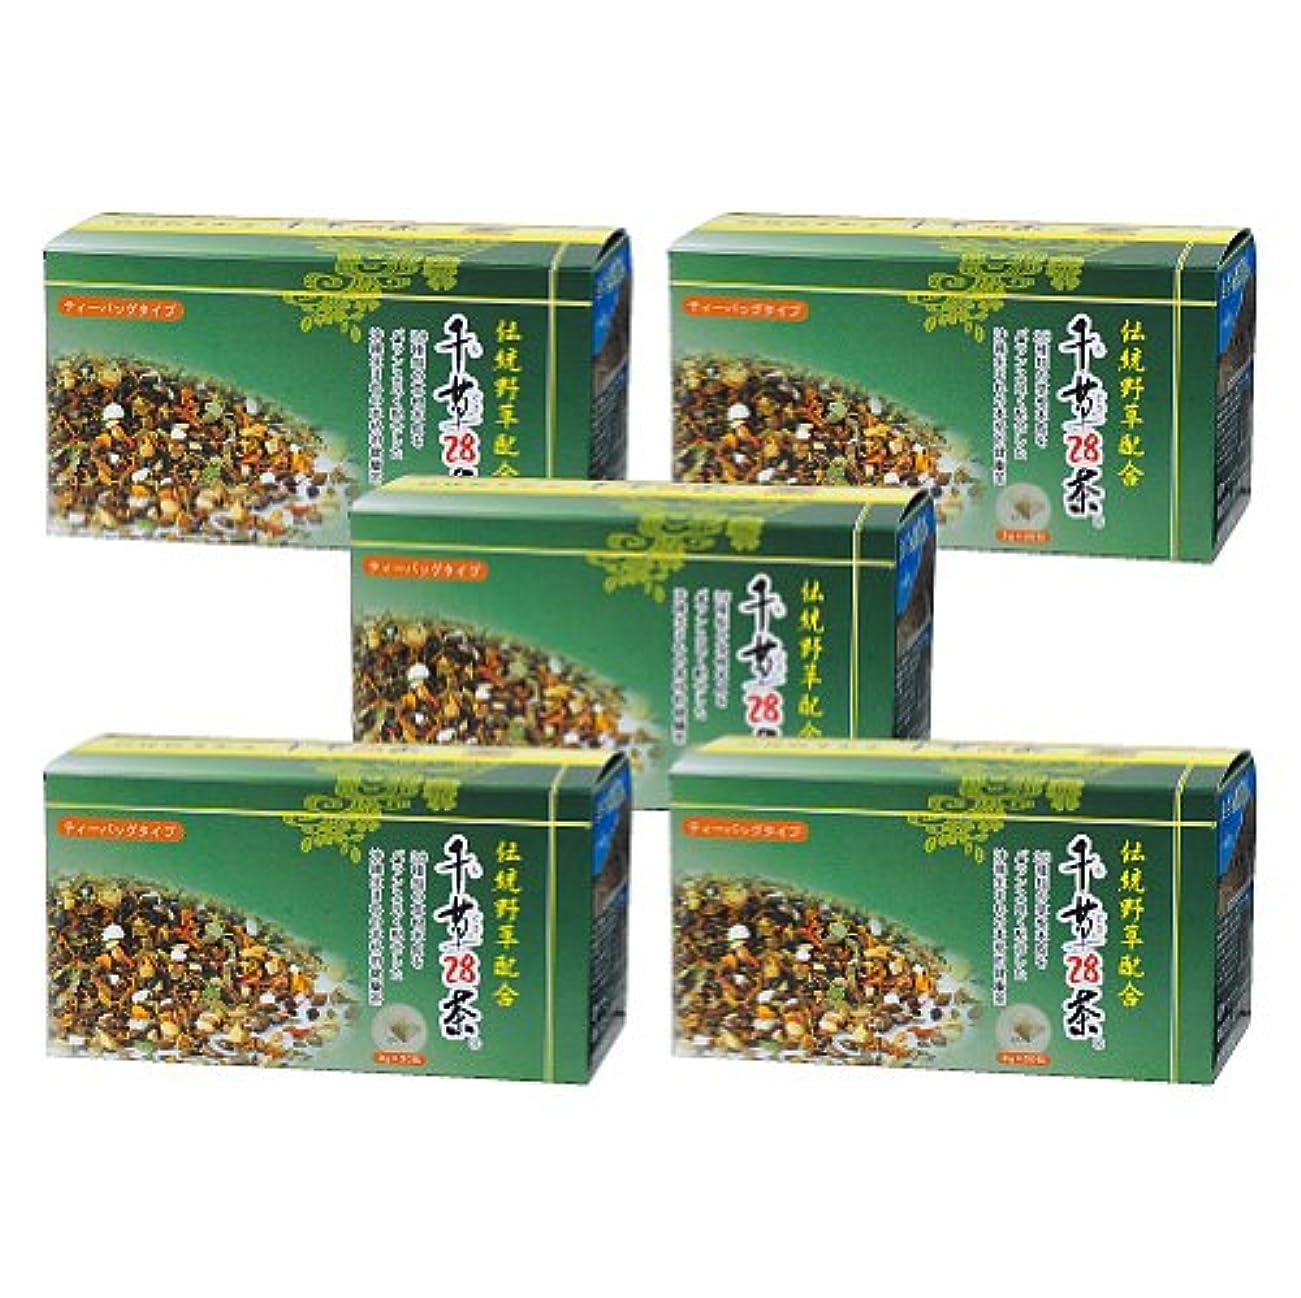 補正ランチョン見て千草28茶 ティーバッグタイプ 30包×5個